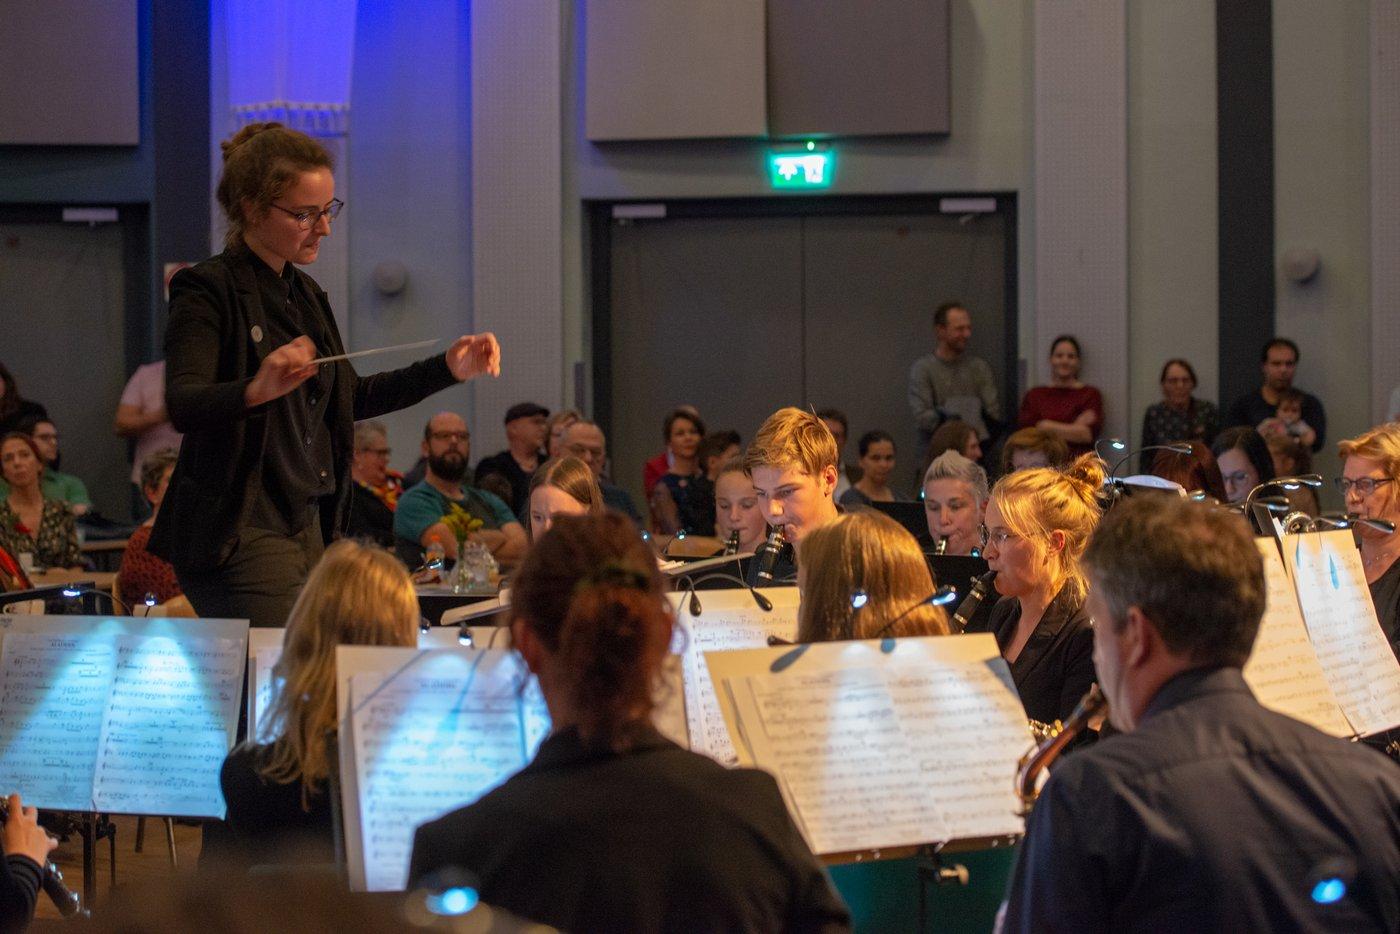 Harmonie de Vriendenkrans: jeugdharmonie o.l.v. Jenny Leerschool bij het wervingsconcert 'Een muziekfantasie' in oktober 2019